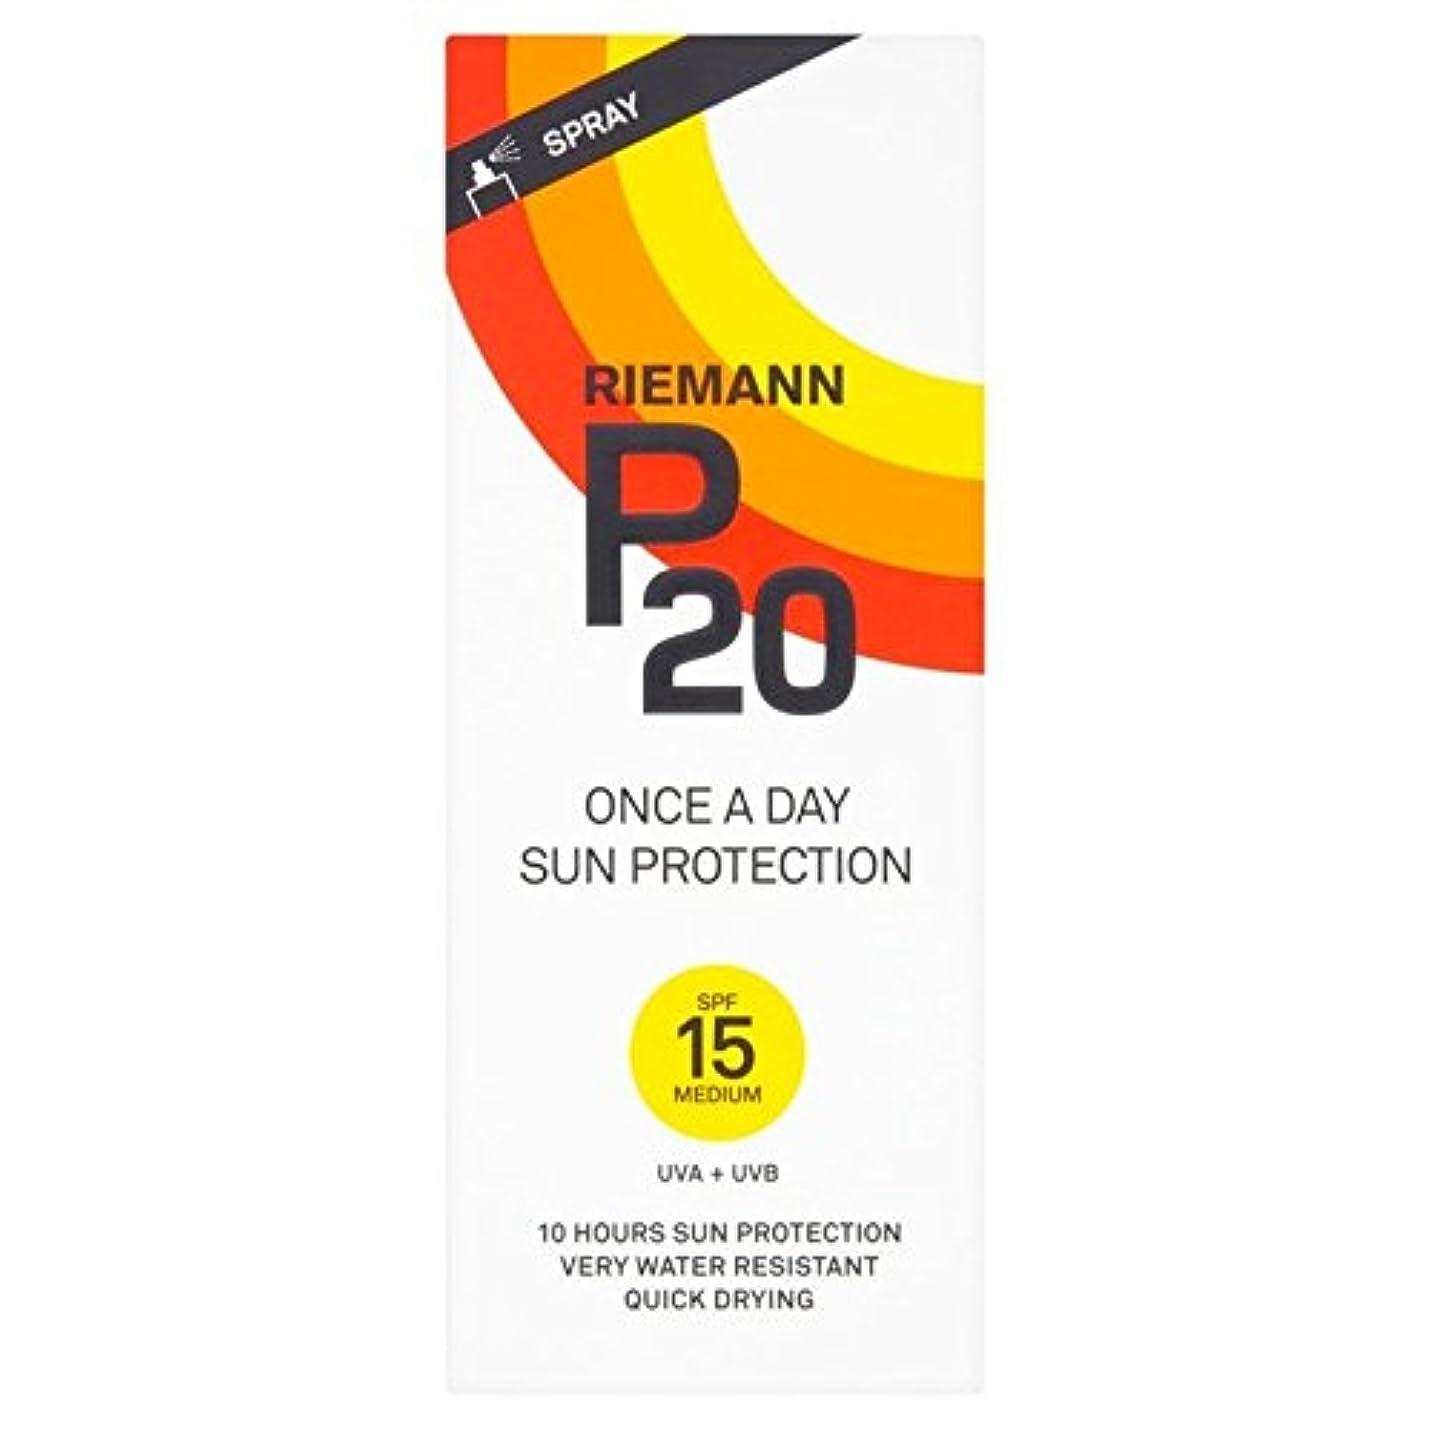 告白する深める覆すRiemann P20 SPF15 1 Day/10 Hour Protection 200ml - リーマン20 15 1日/ 10時間の保護200ミリリットル [並行輸入品]